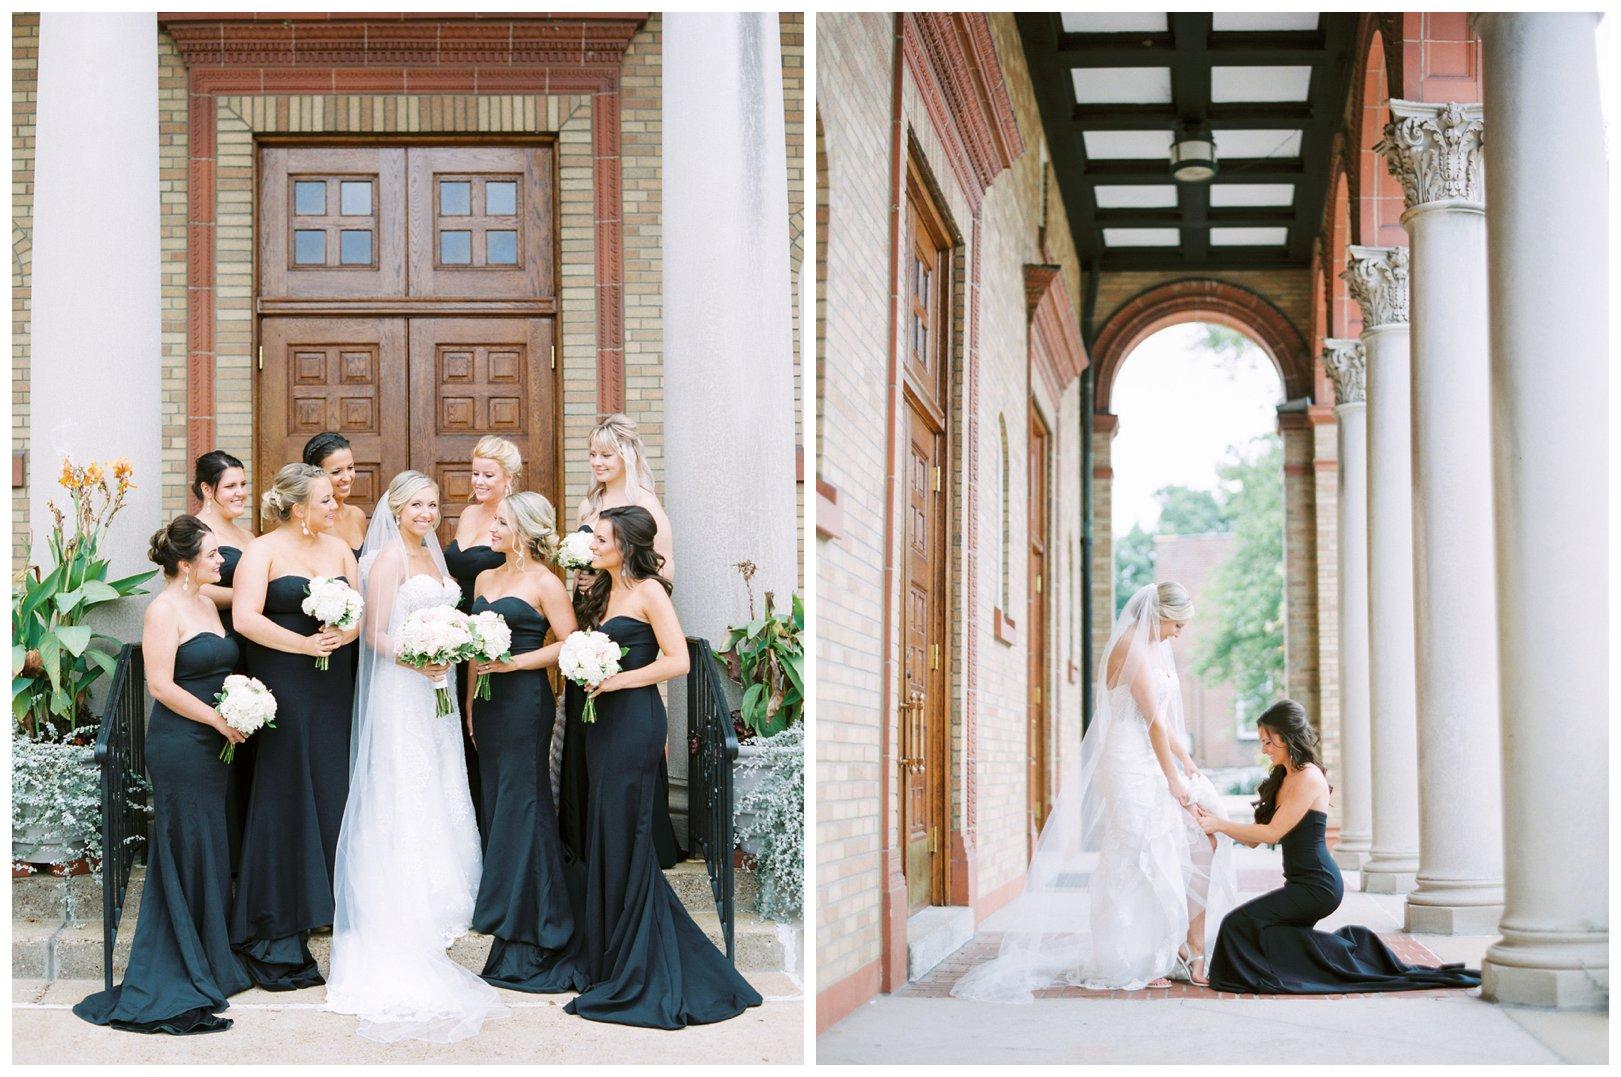 lauren muckler photography_fine art film wedding photography_st louis_photography_2146.jpg